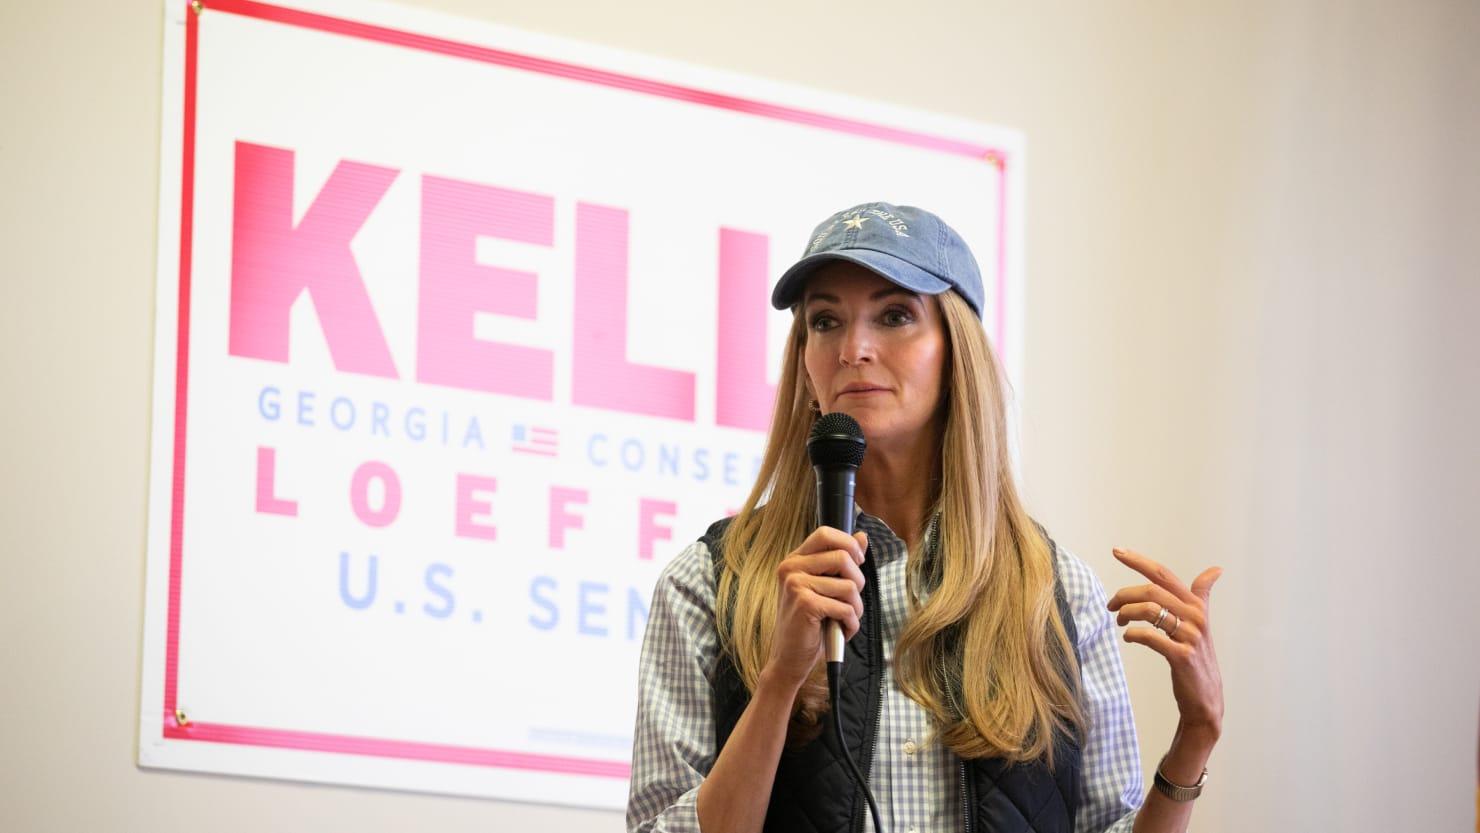 Sen. Kelly Loeffler's Campaign Says She Had 'No Idea' She Posed With Neo-Nazi